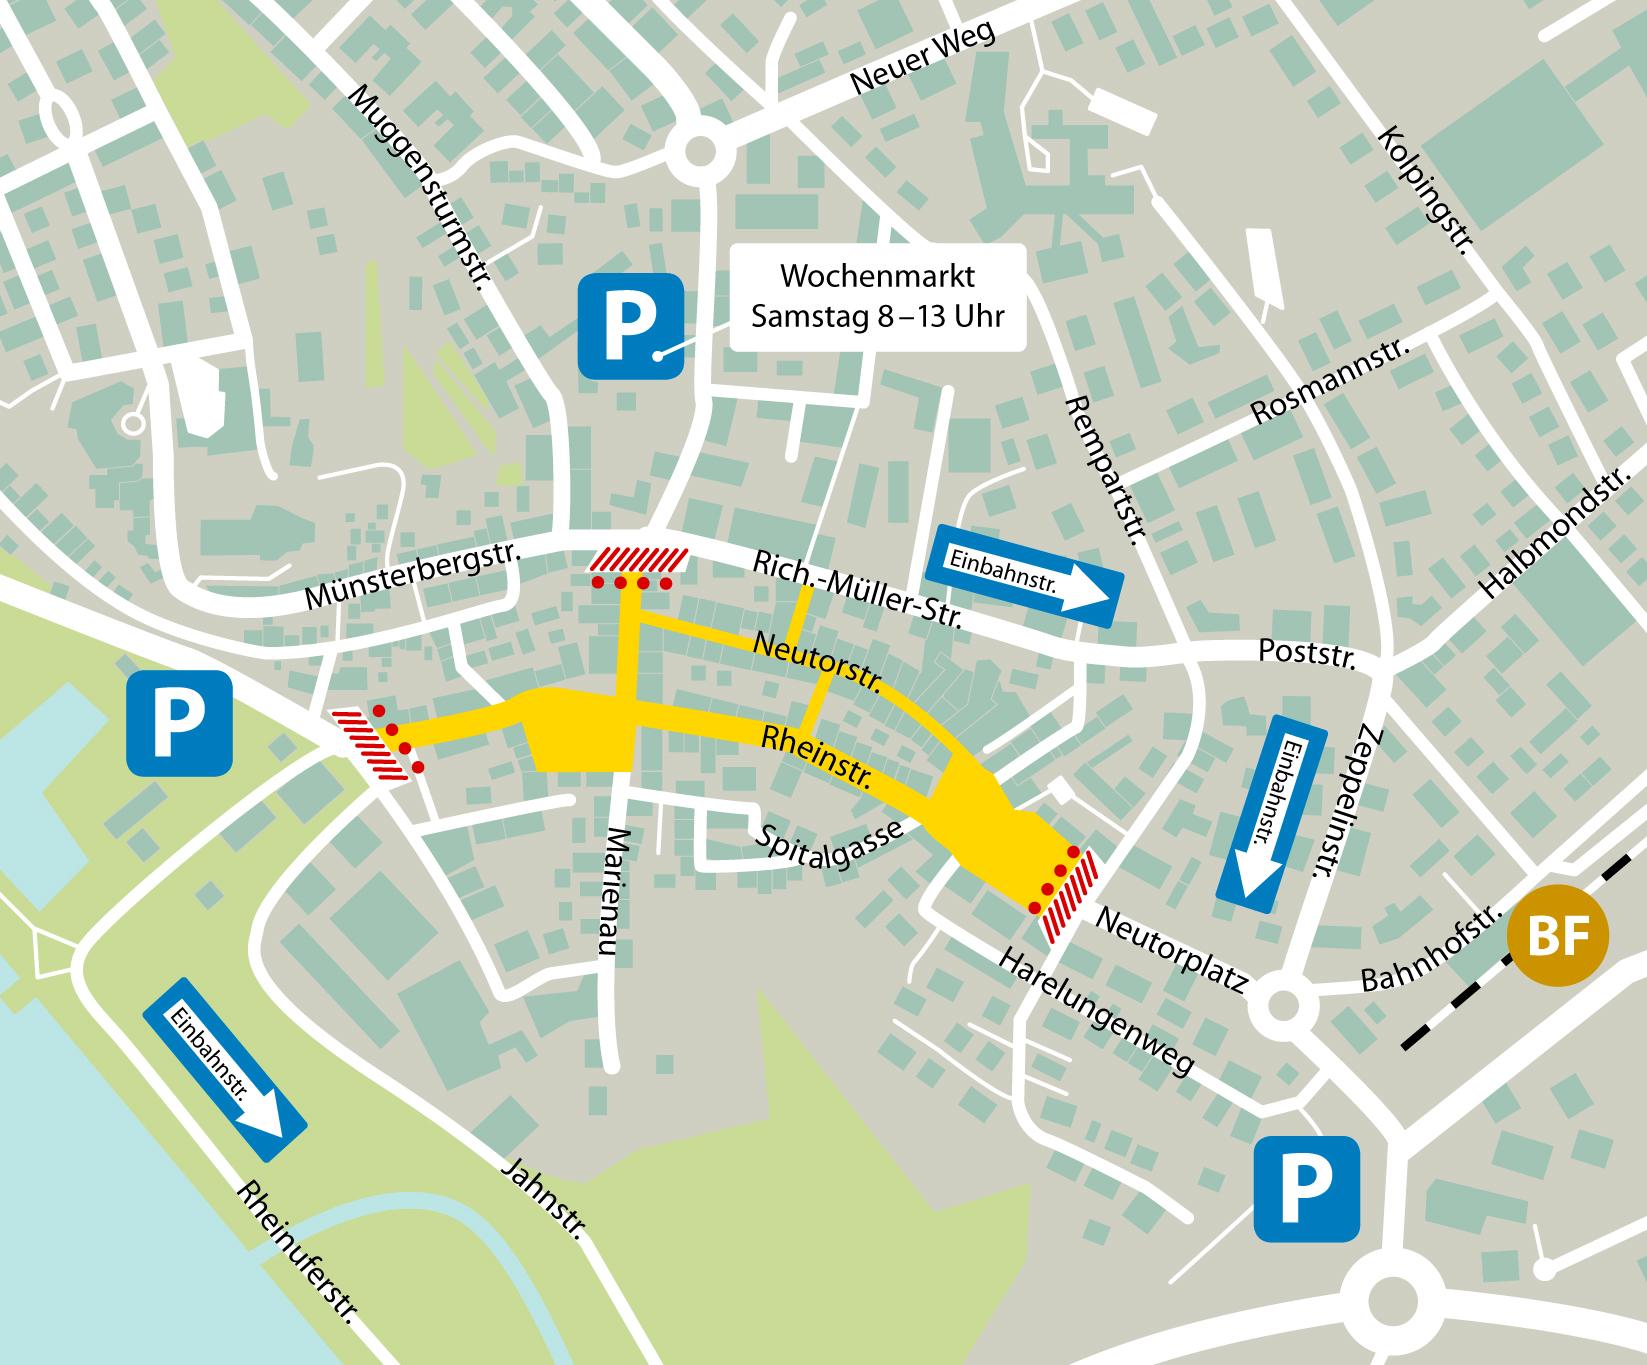 Stadtplan_Innenstadt_Breisach_Autoschau_K1_Ausschnitt.jpg